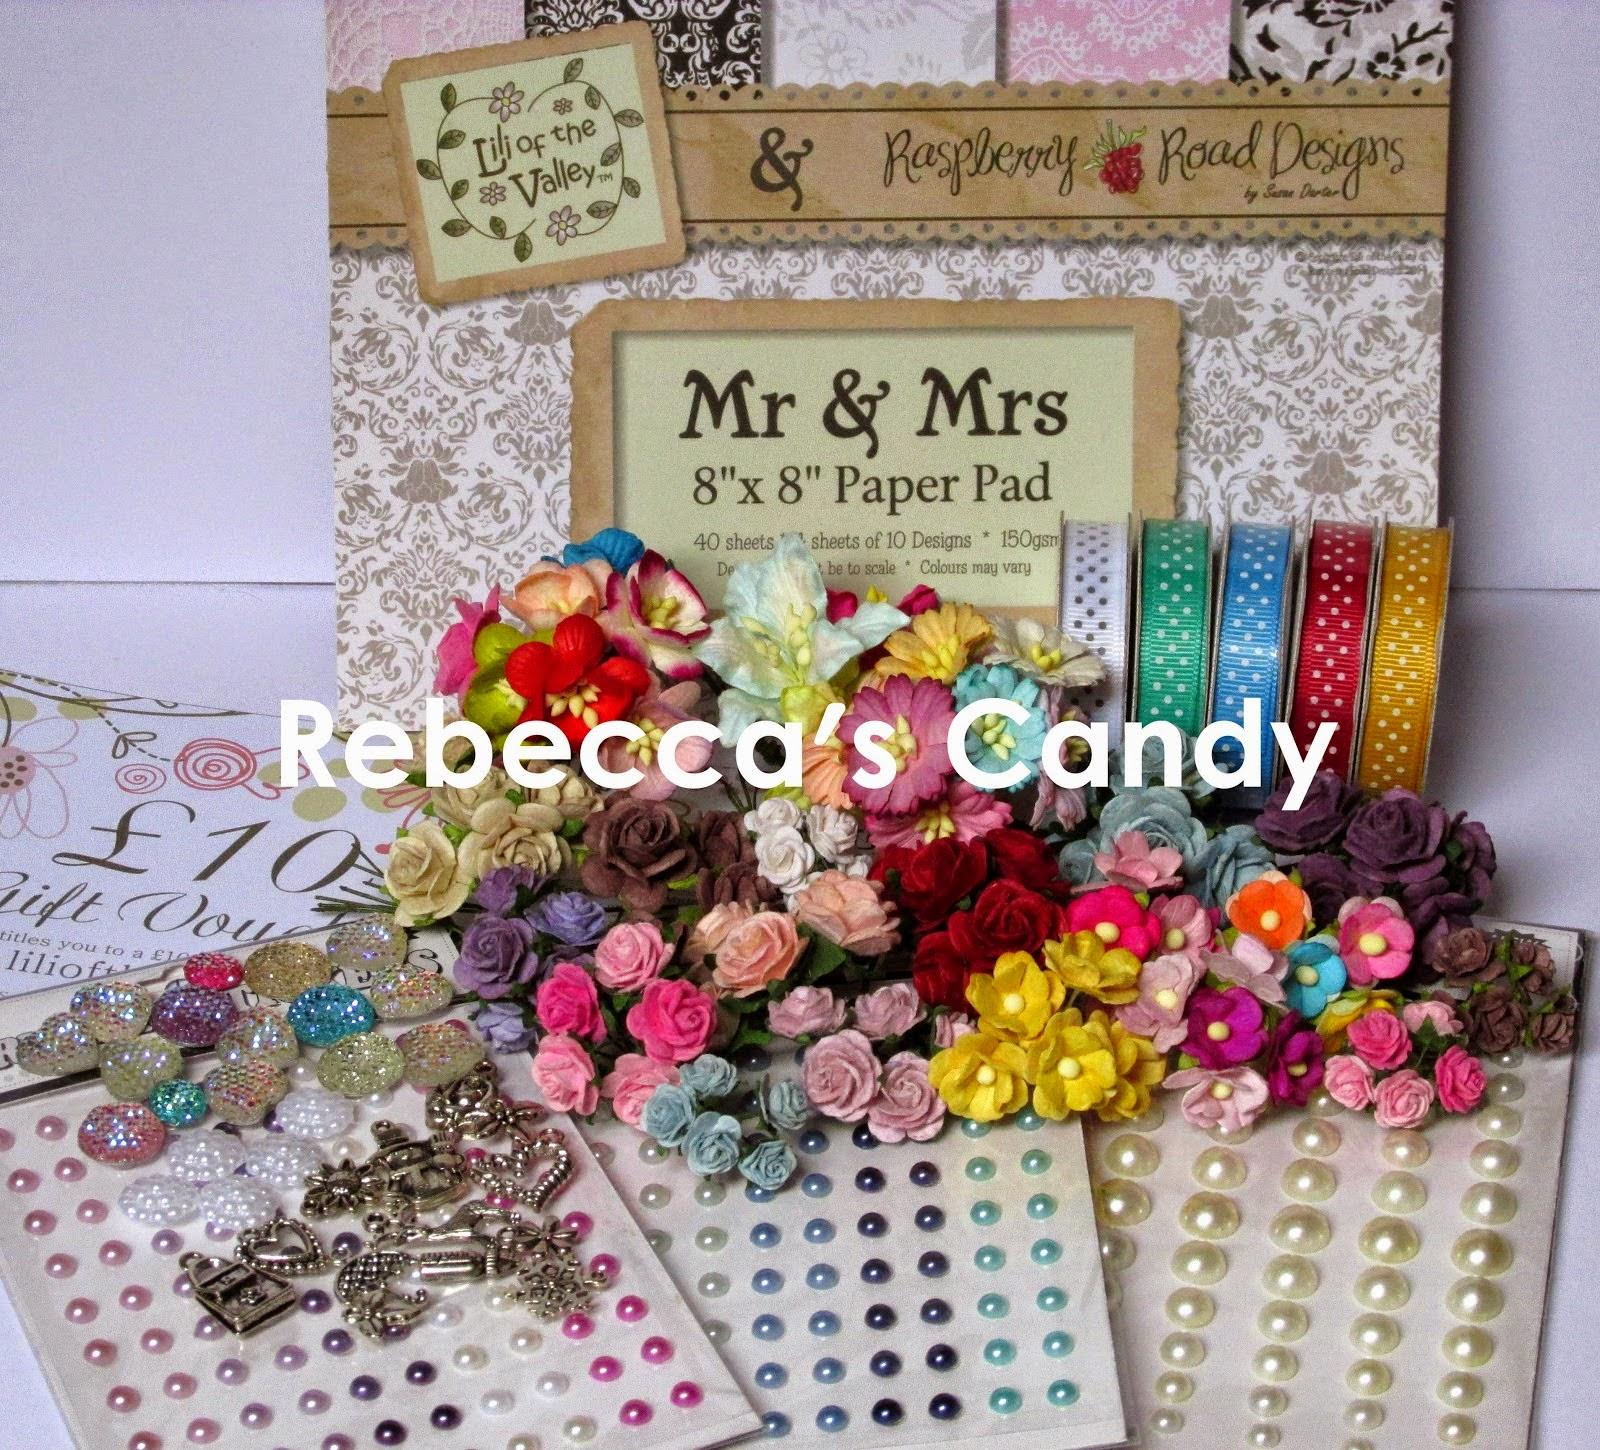 REBECCA'S ANNIVERSARY CANDY